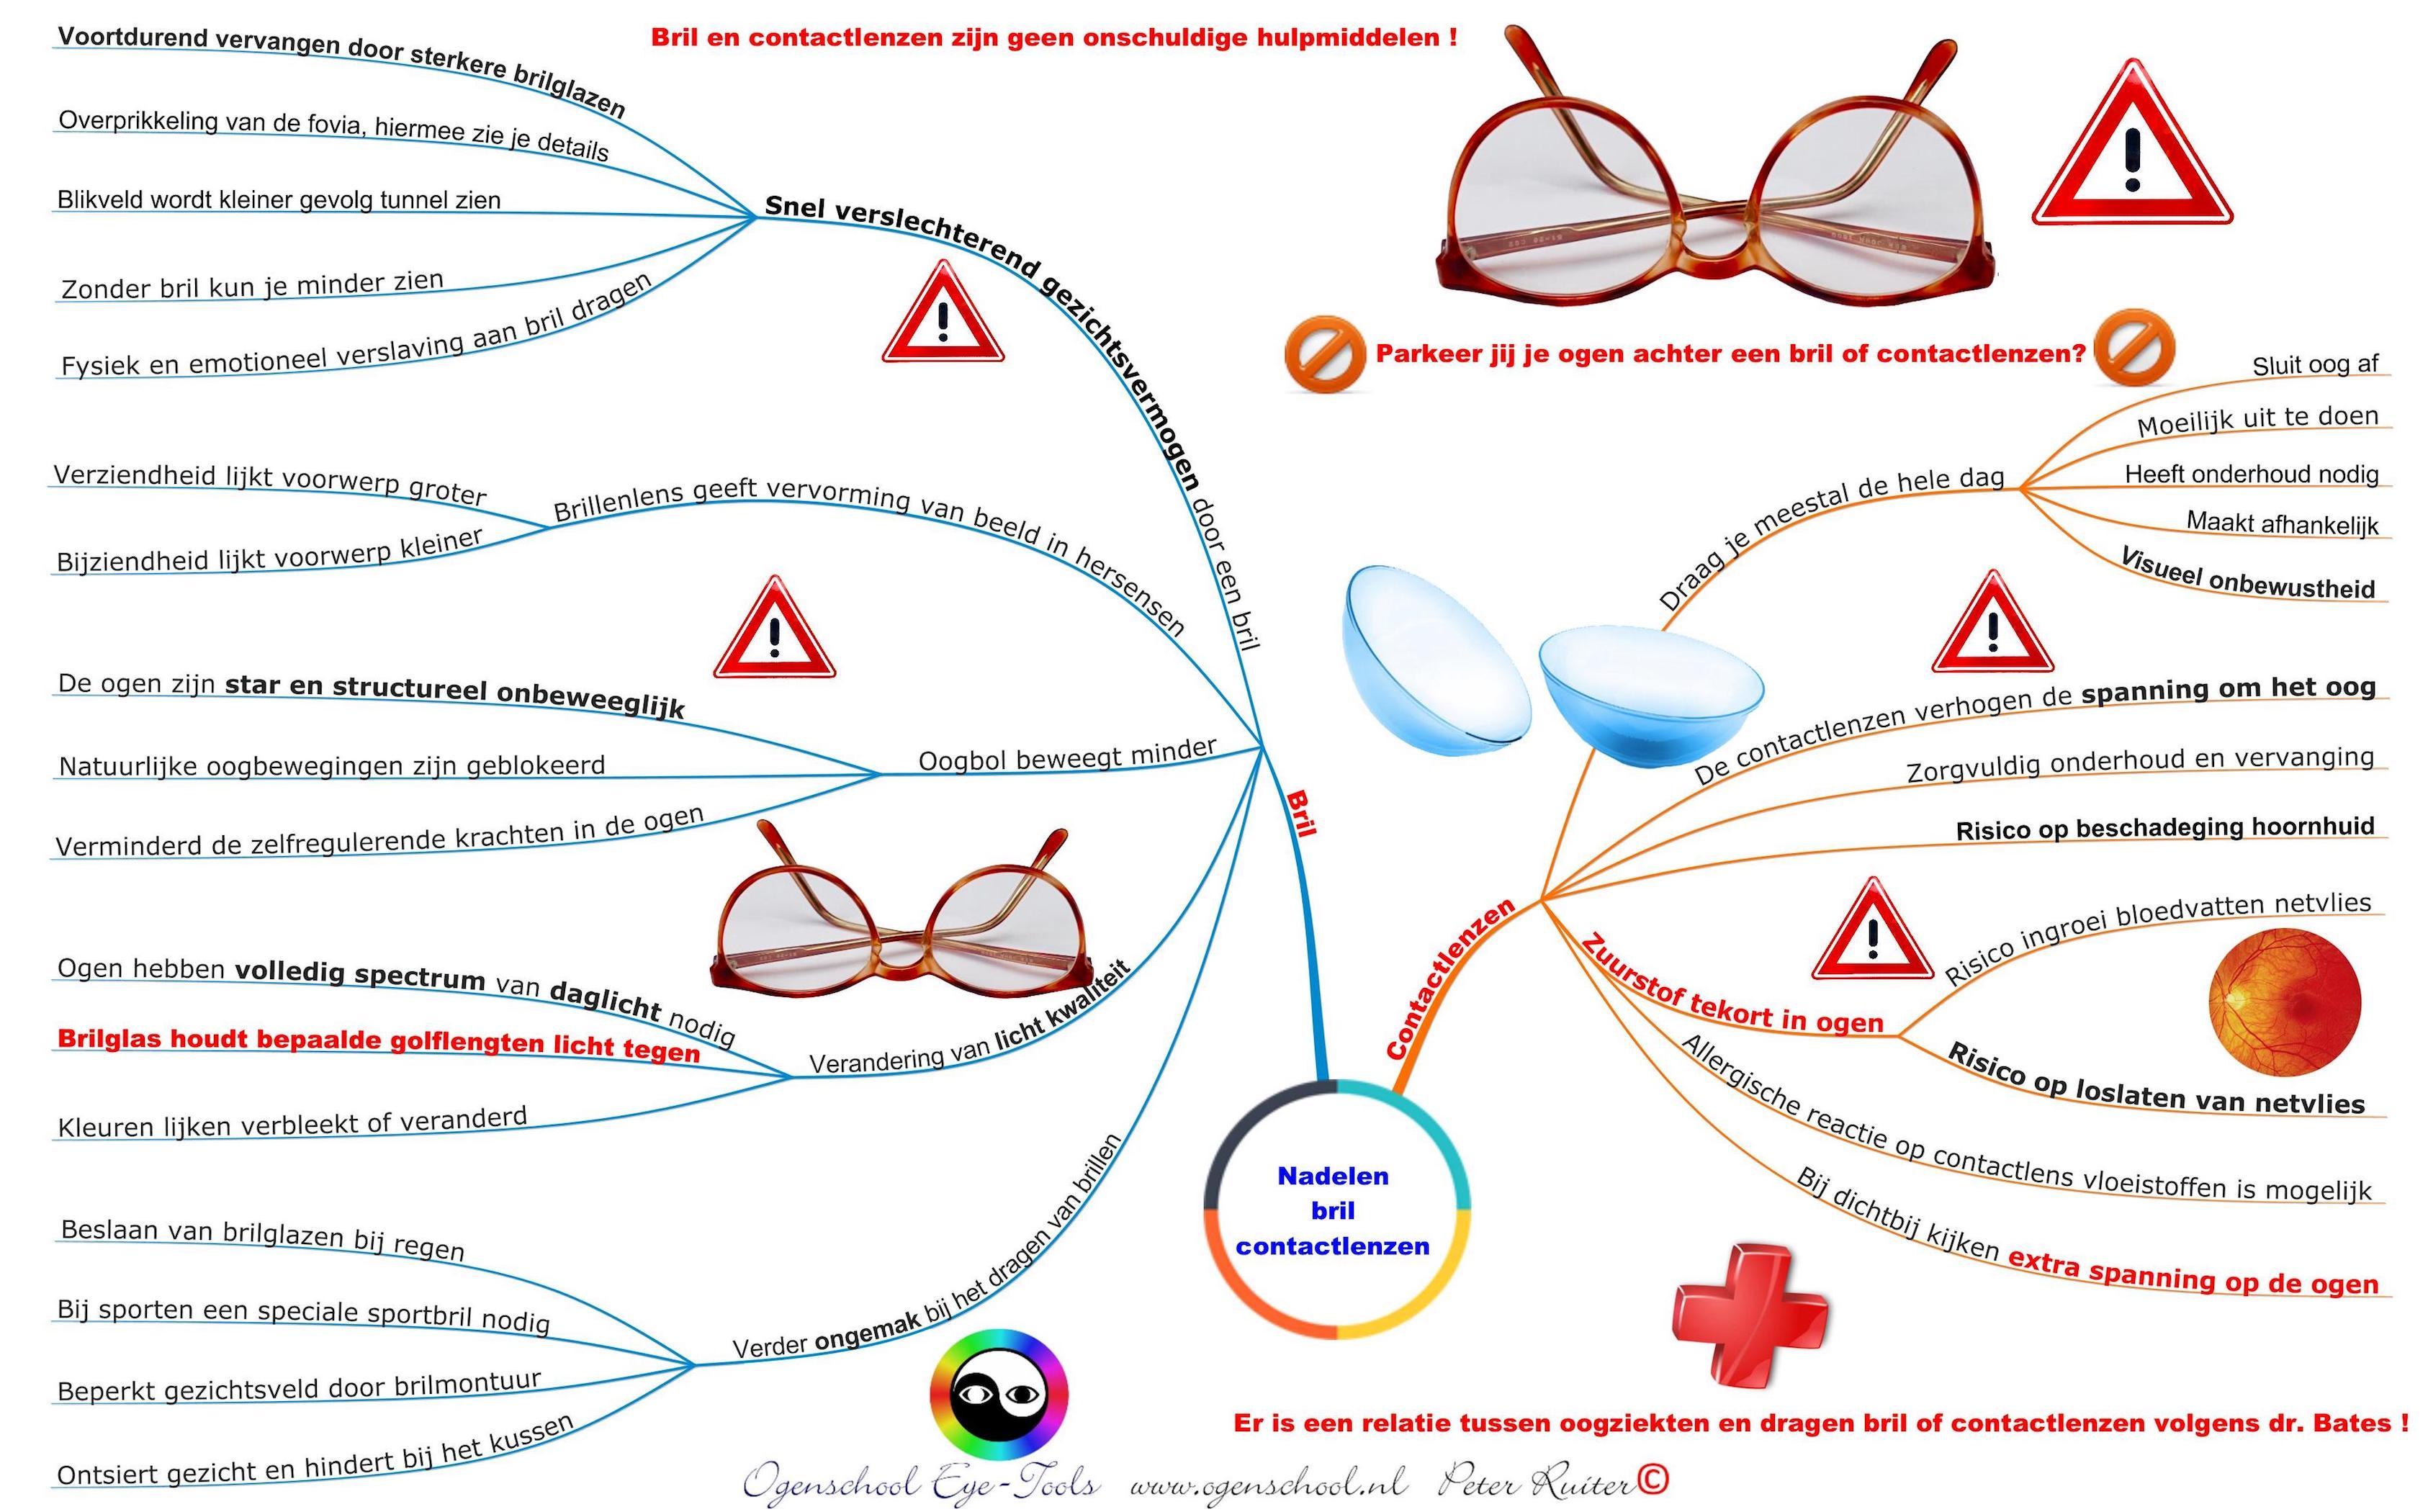 Mindmap van ogenschool Eye-Tools: De nadelen van bril en contactlenzen.